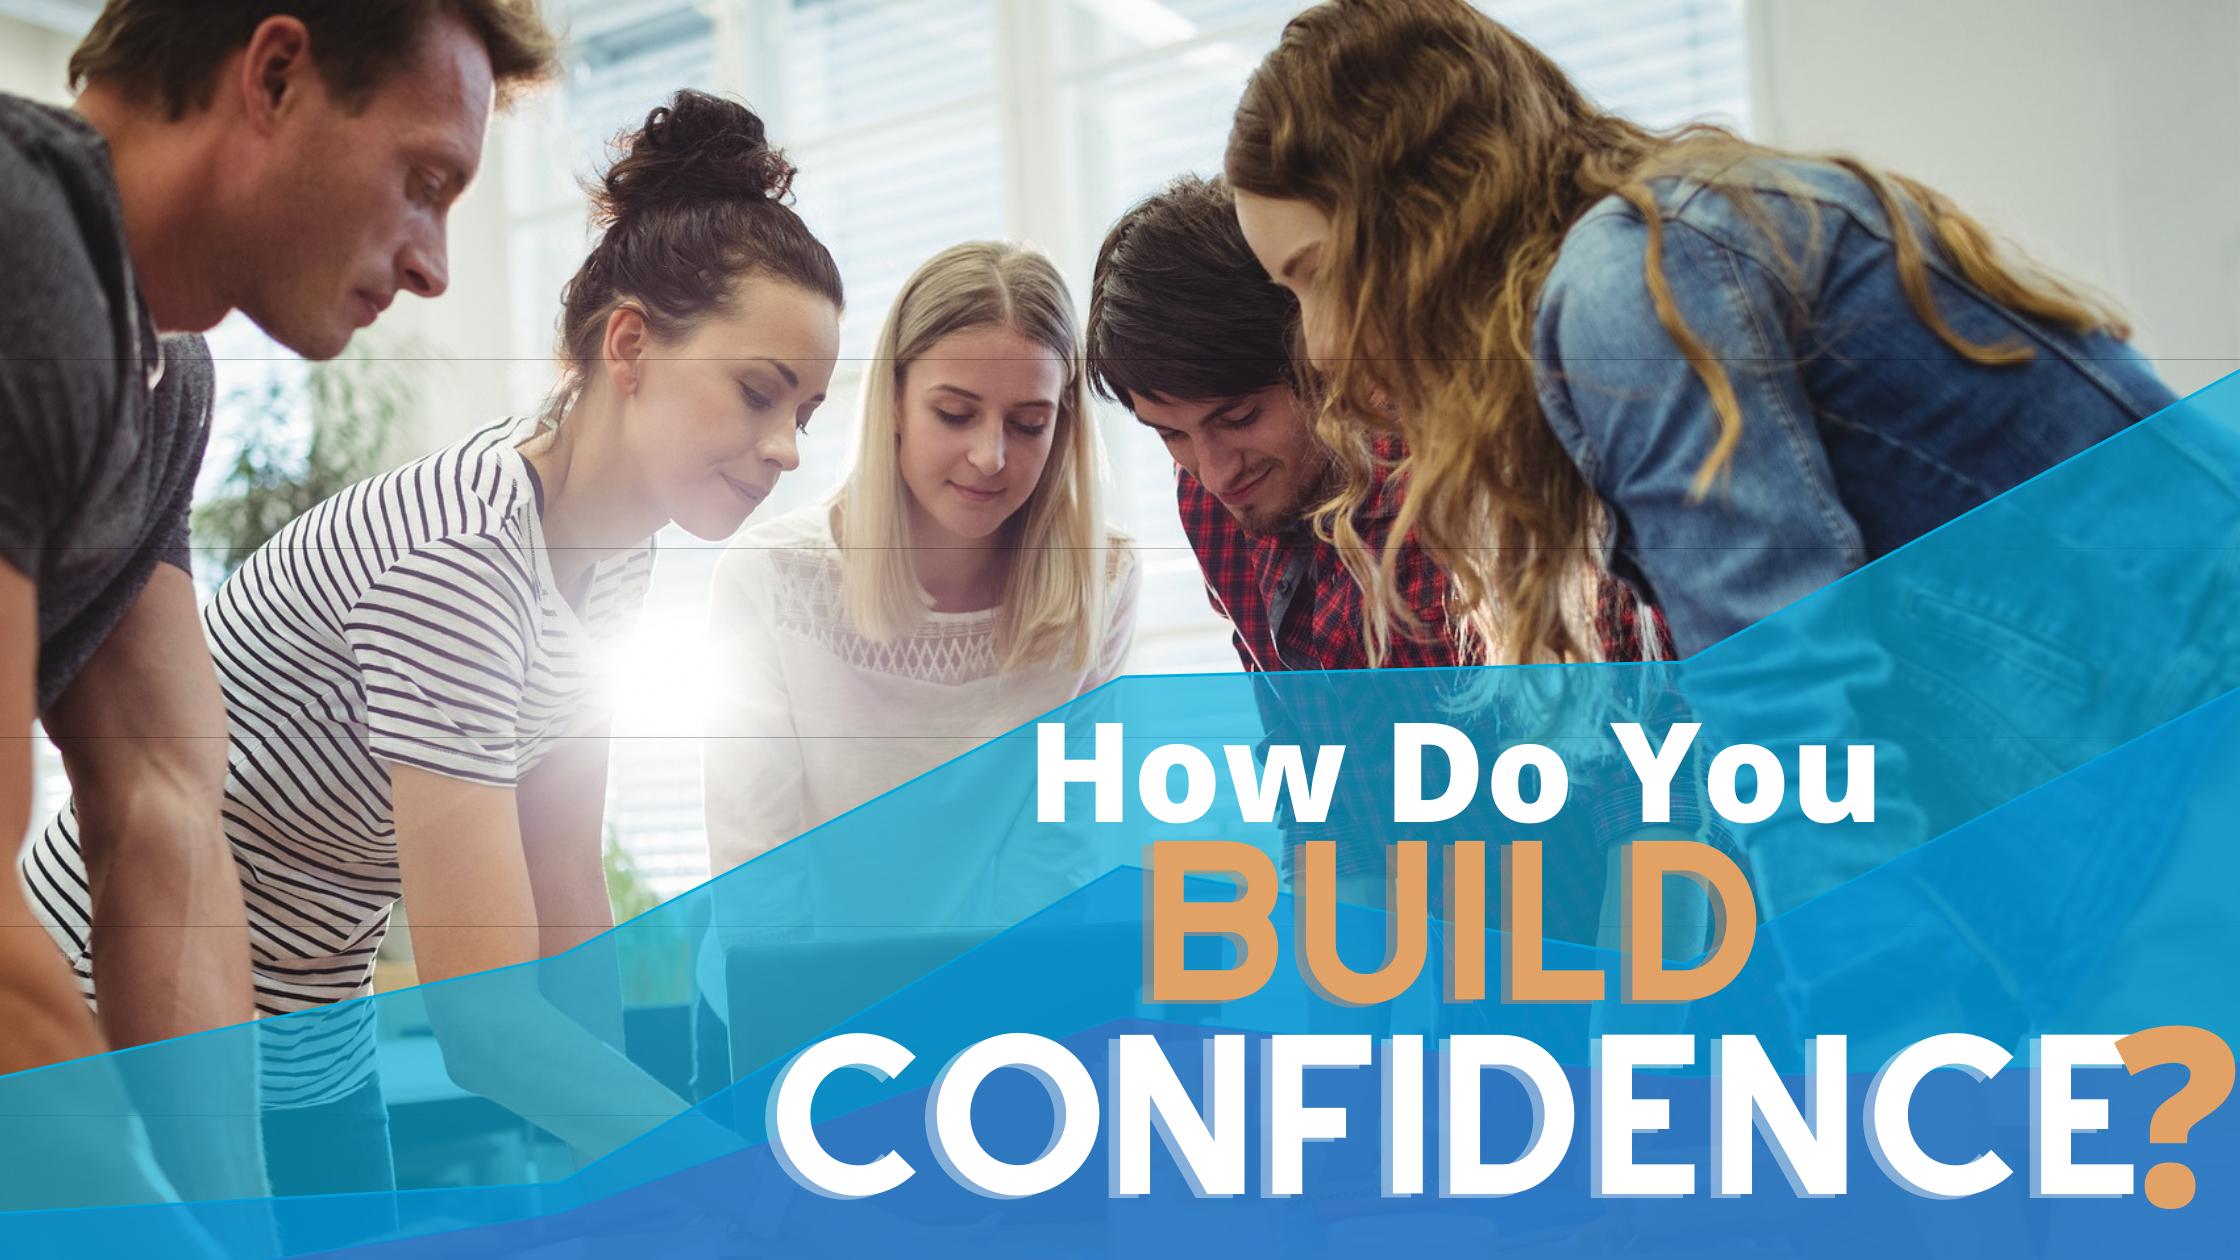 How Do You Build Confidence?